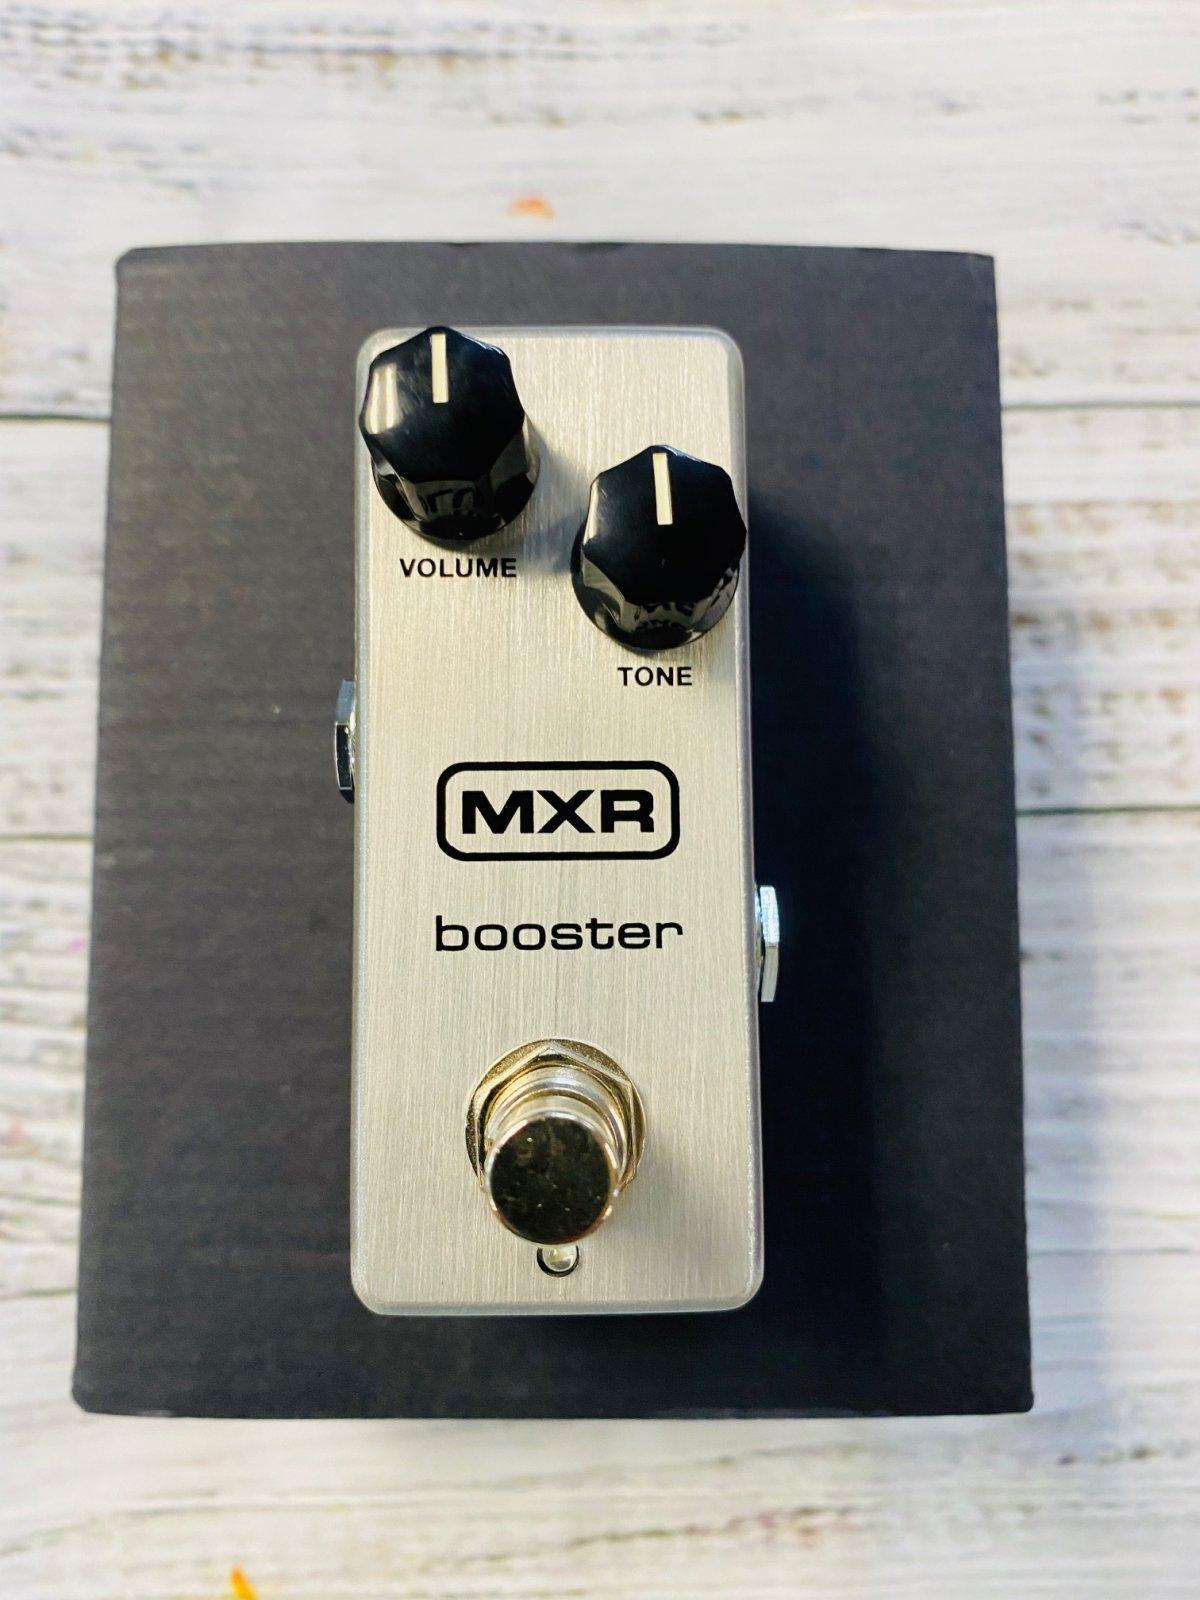 MXR Booster Mini Boost Pedal